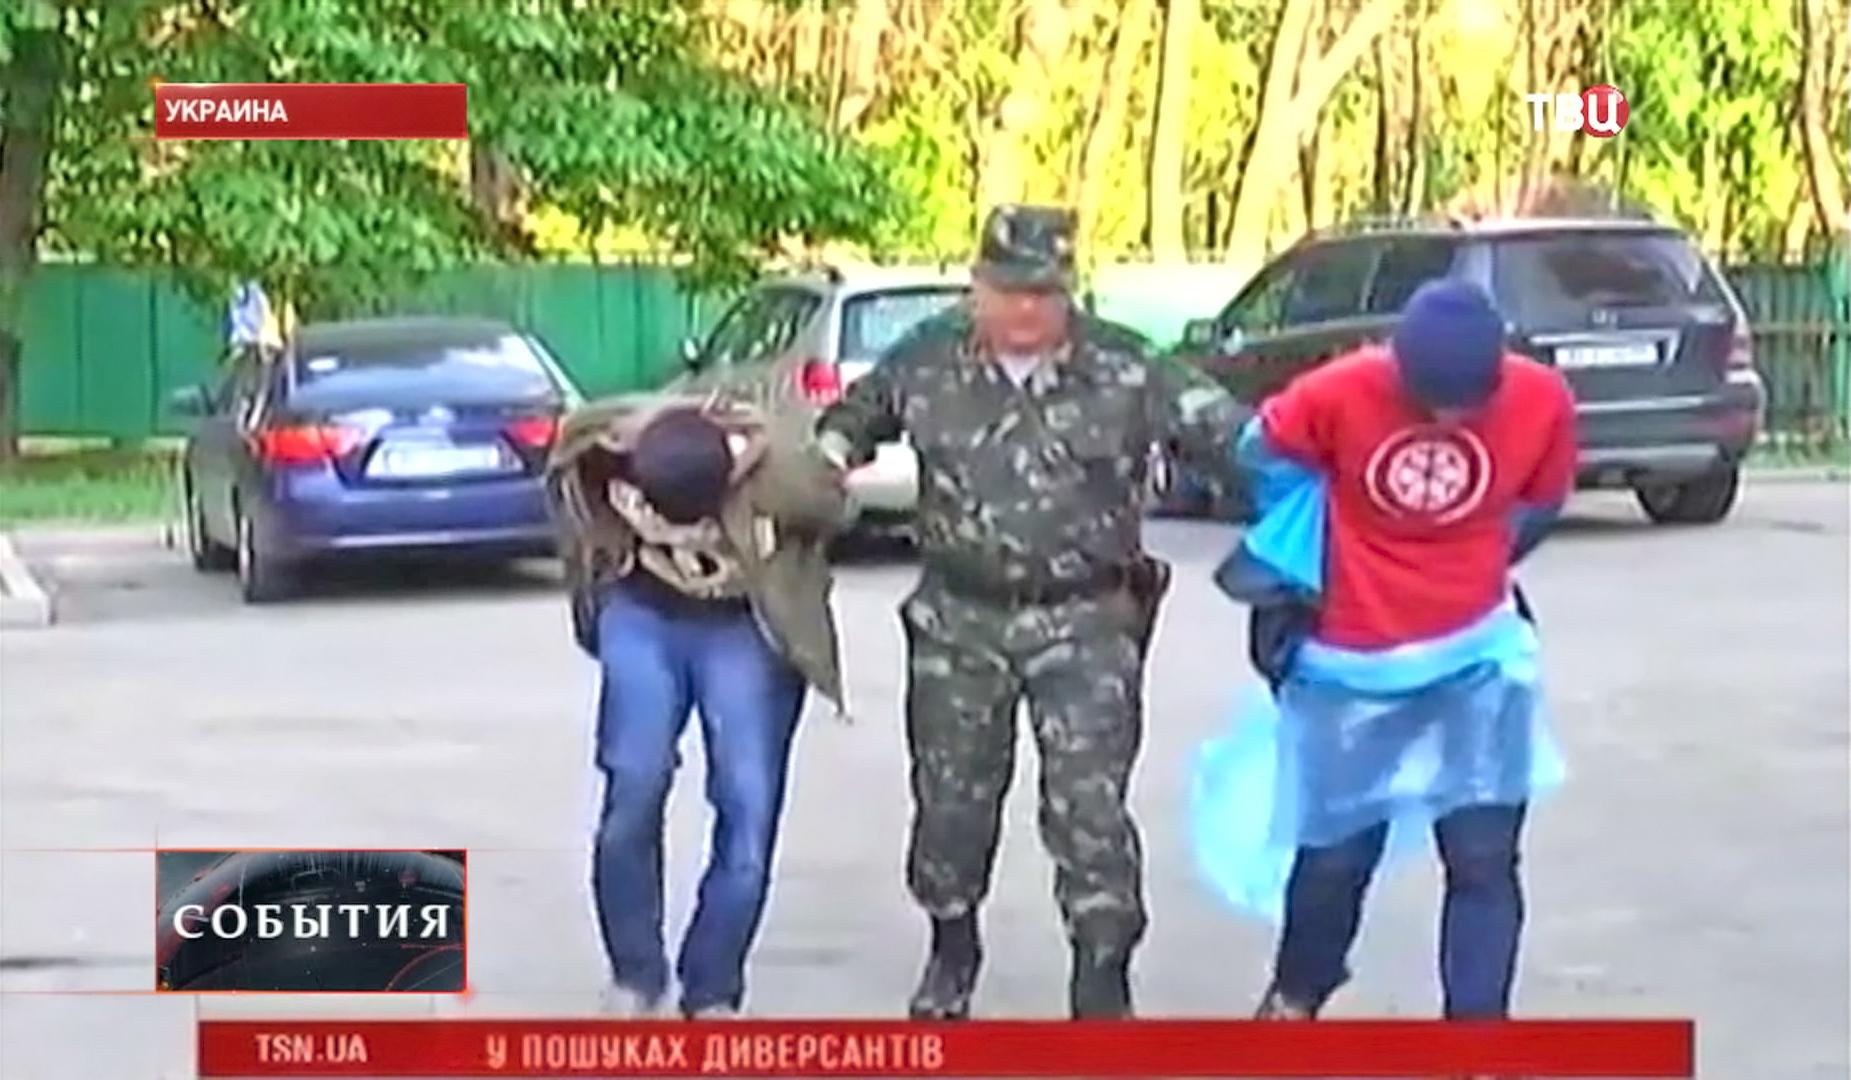 Журналисты телекомпании НТВ